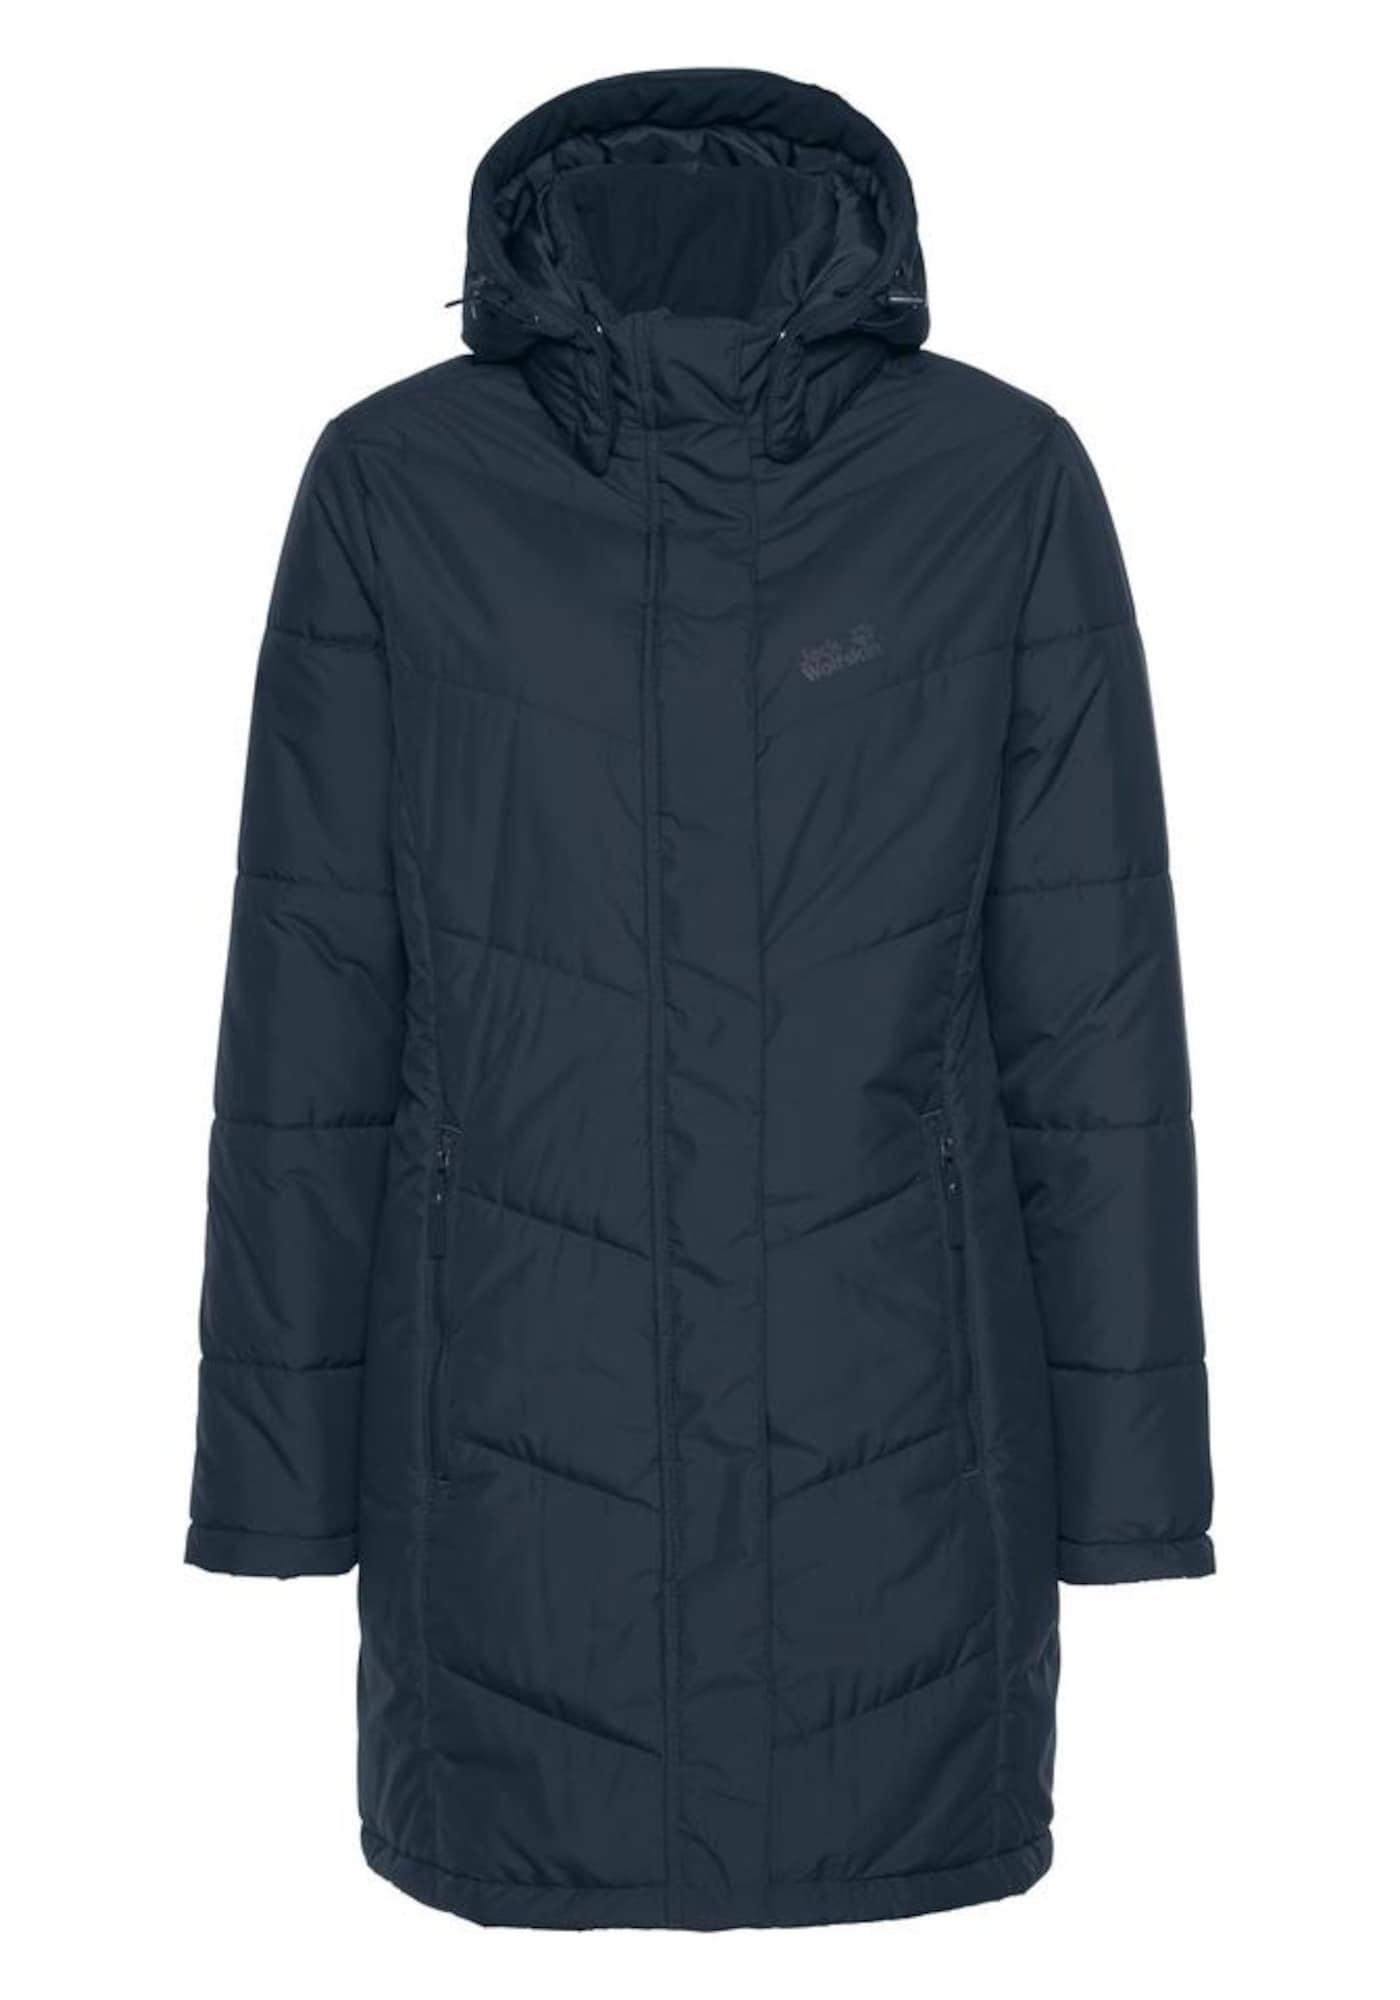 Outdoorový kabát SVALBARD černá JACK WOLFSKIN